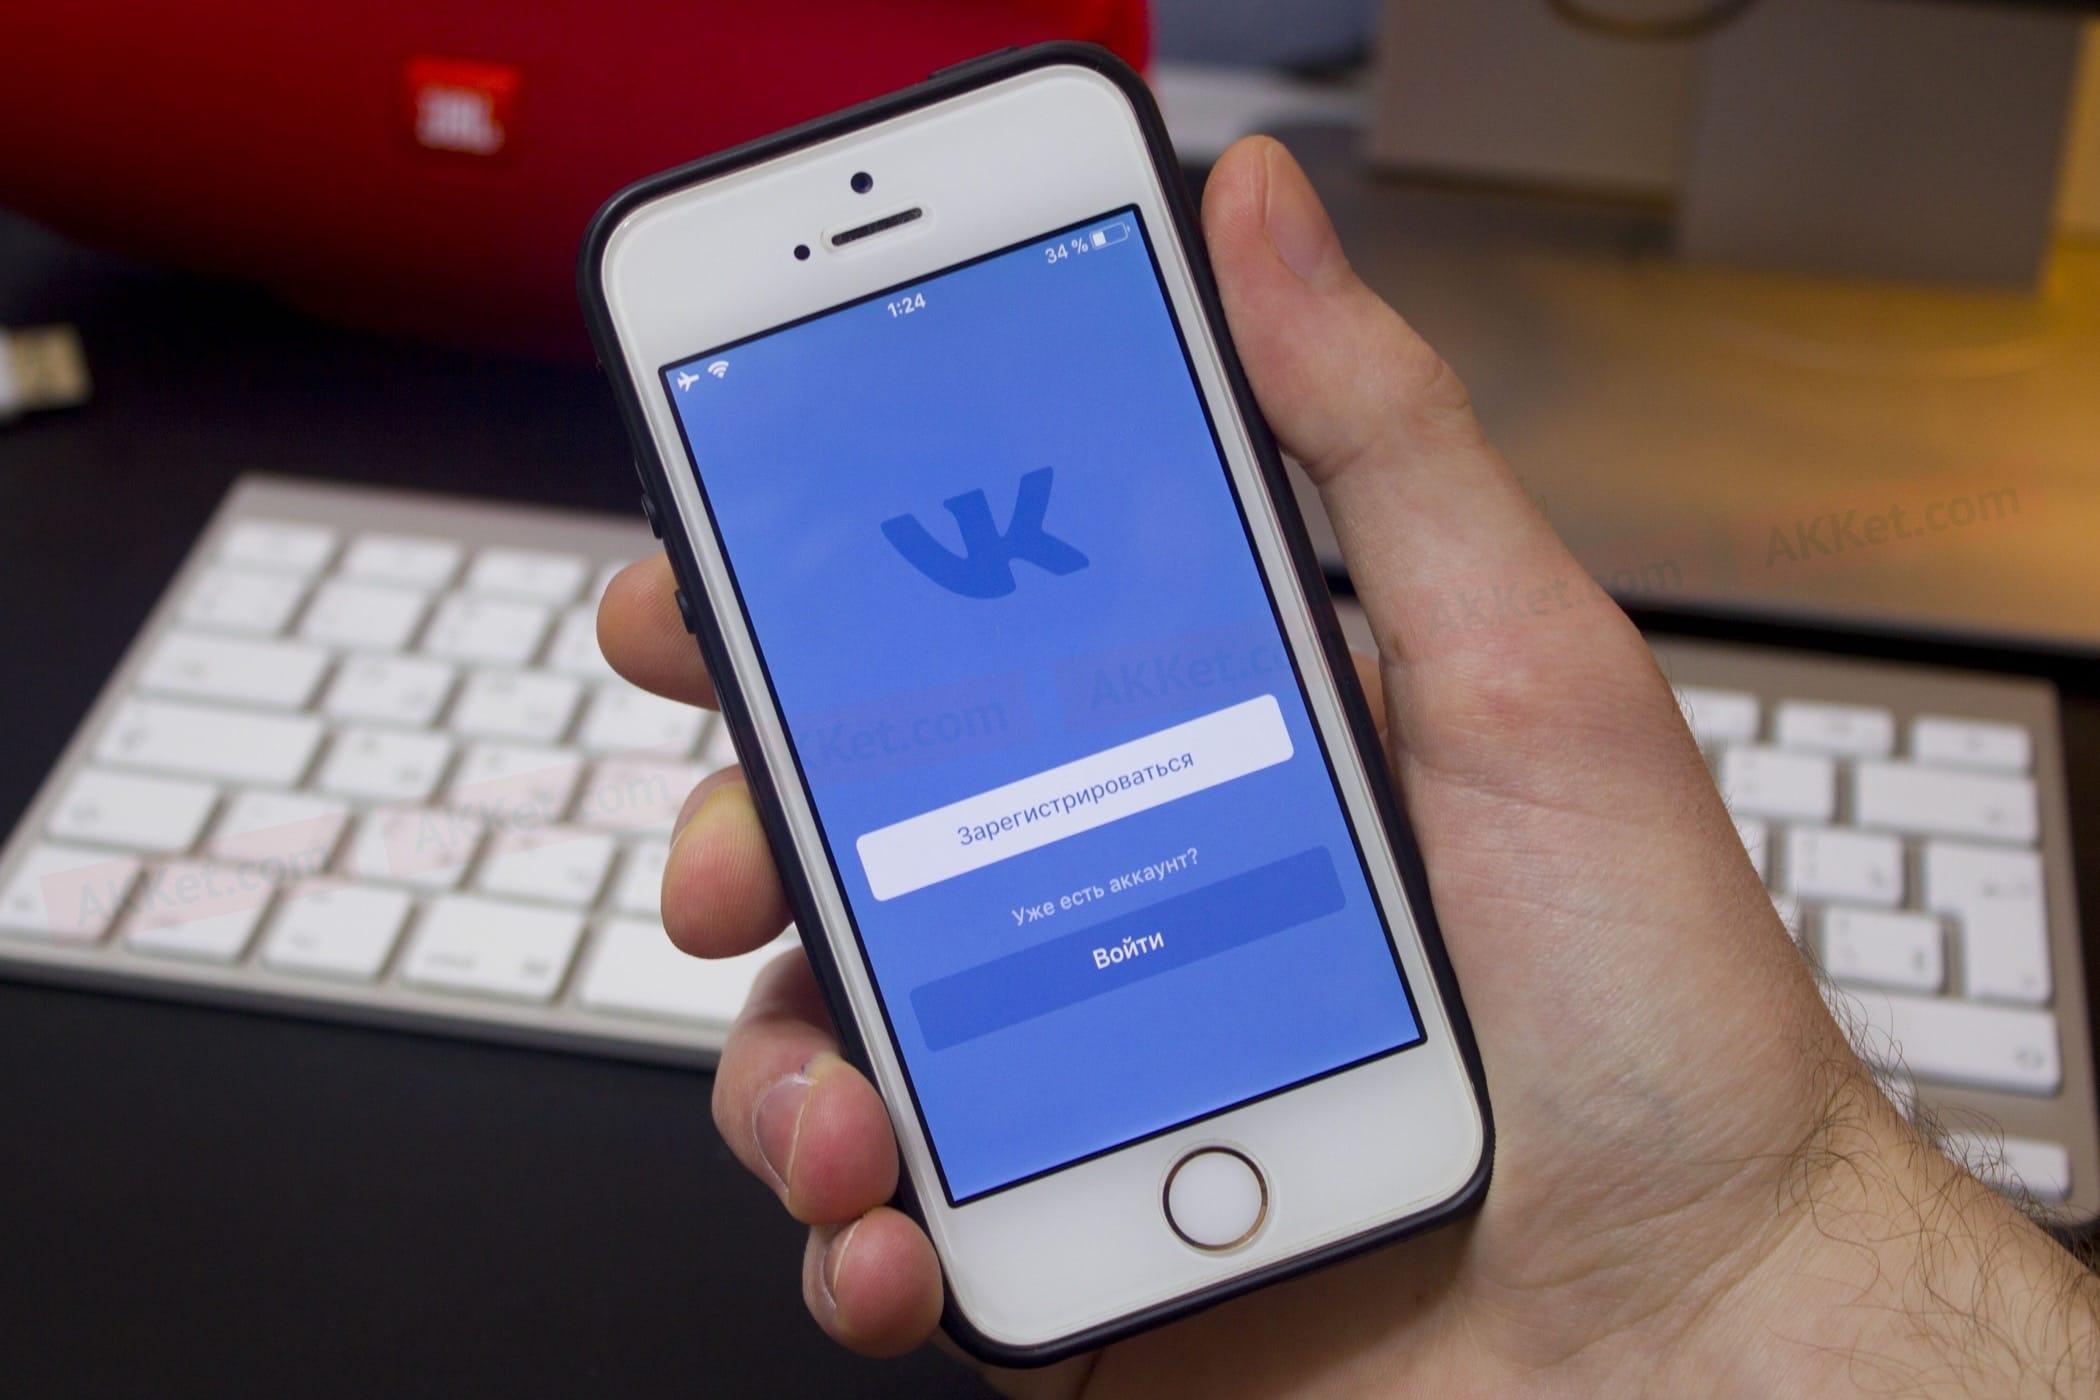 0 Пользователи соцсети ВКонтакте из России теперь могут зарабатывать